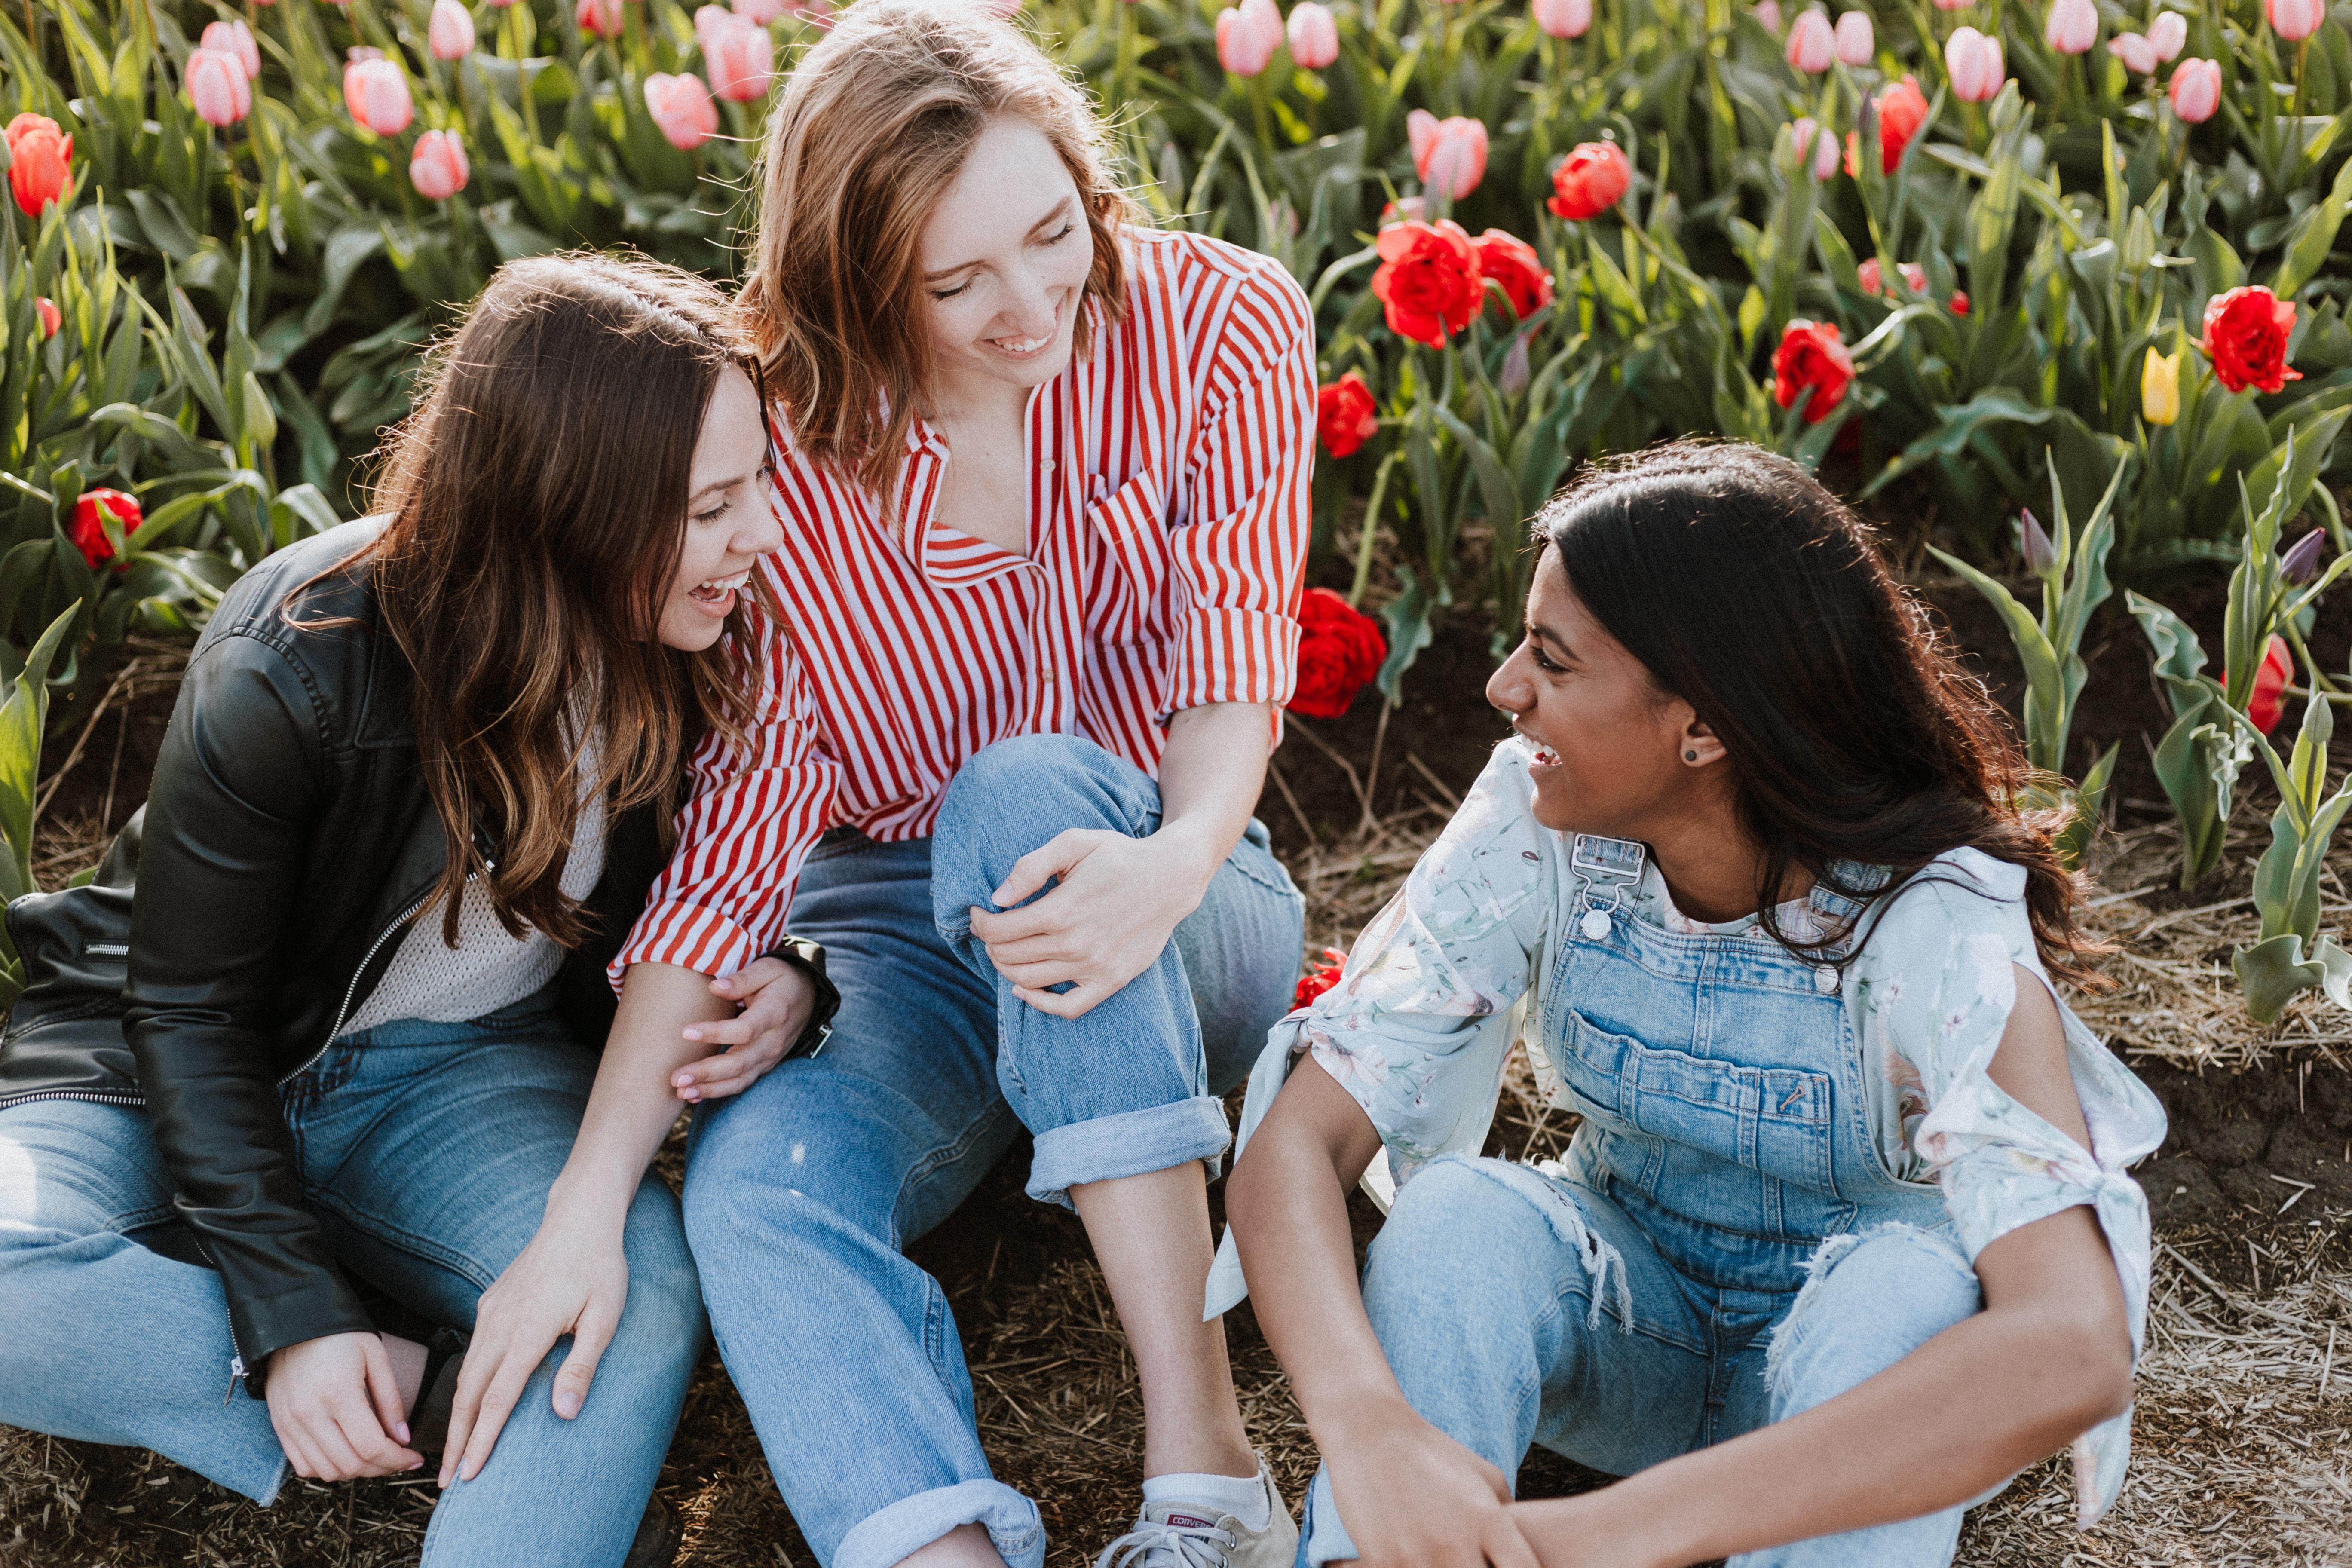 priscilla du preez gYdjZzXNWlg unsplash - De perfekte jeans til den stilbevidste kvinde